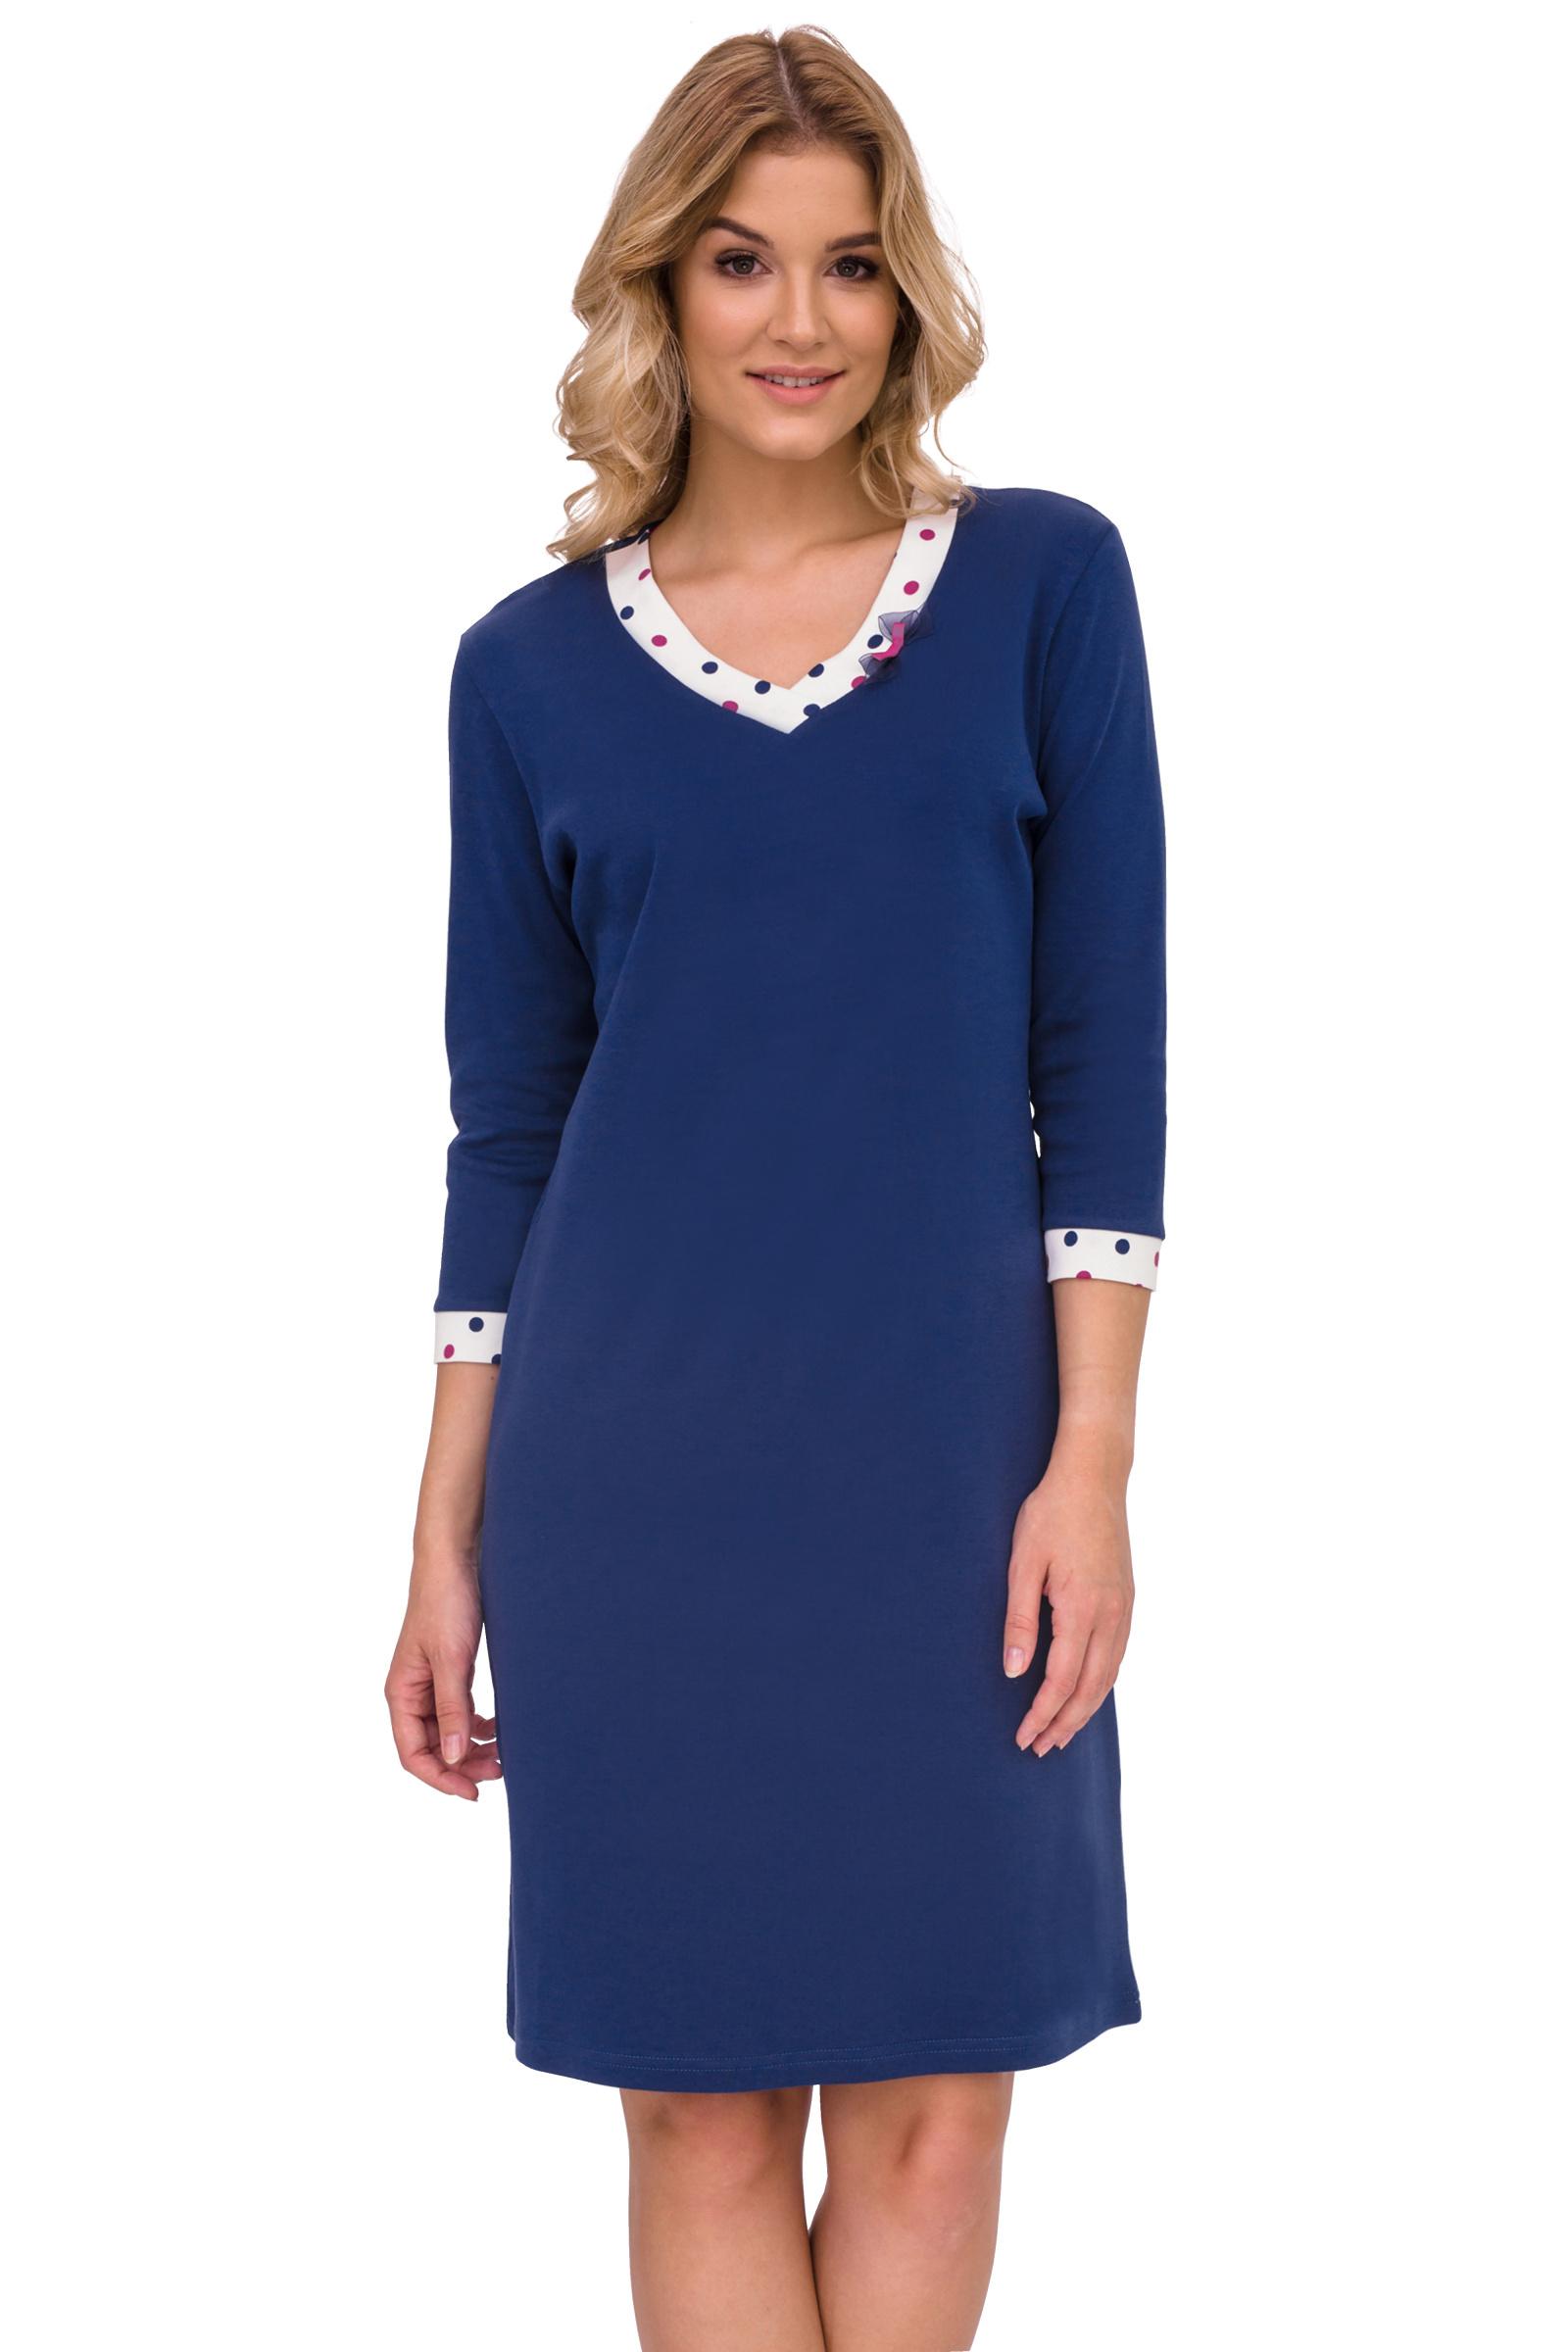 Luxusná dámska nočná košeľa Klára modrá bodky - ELEGANT.sk 526cb138dc8